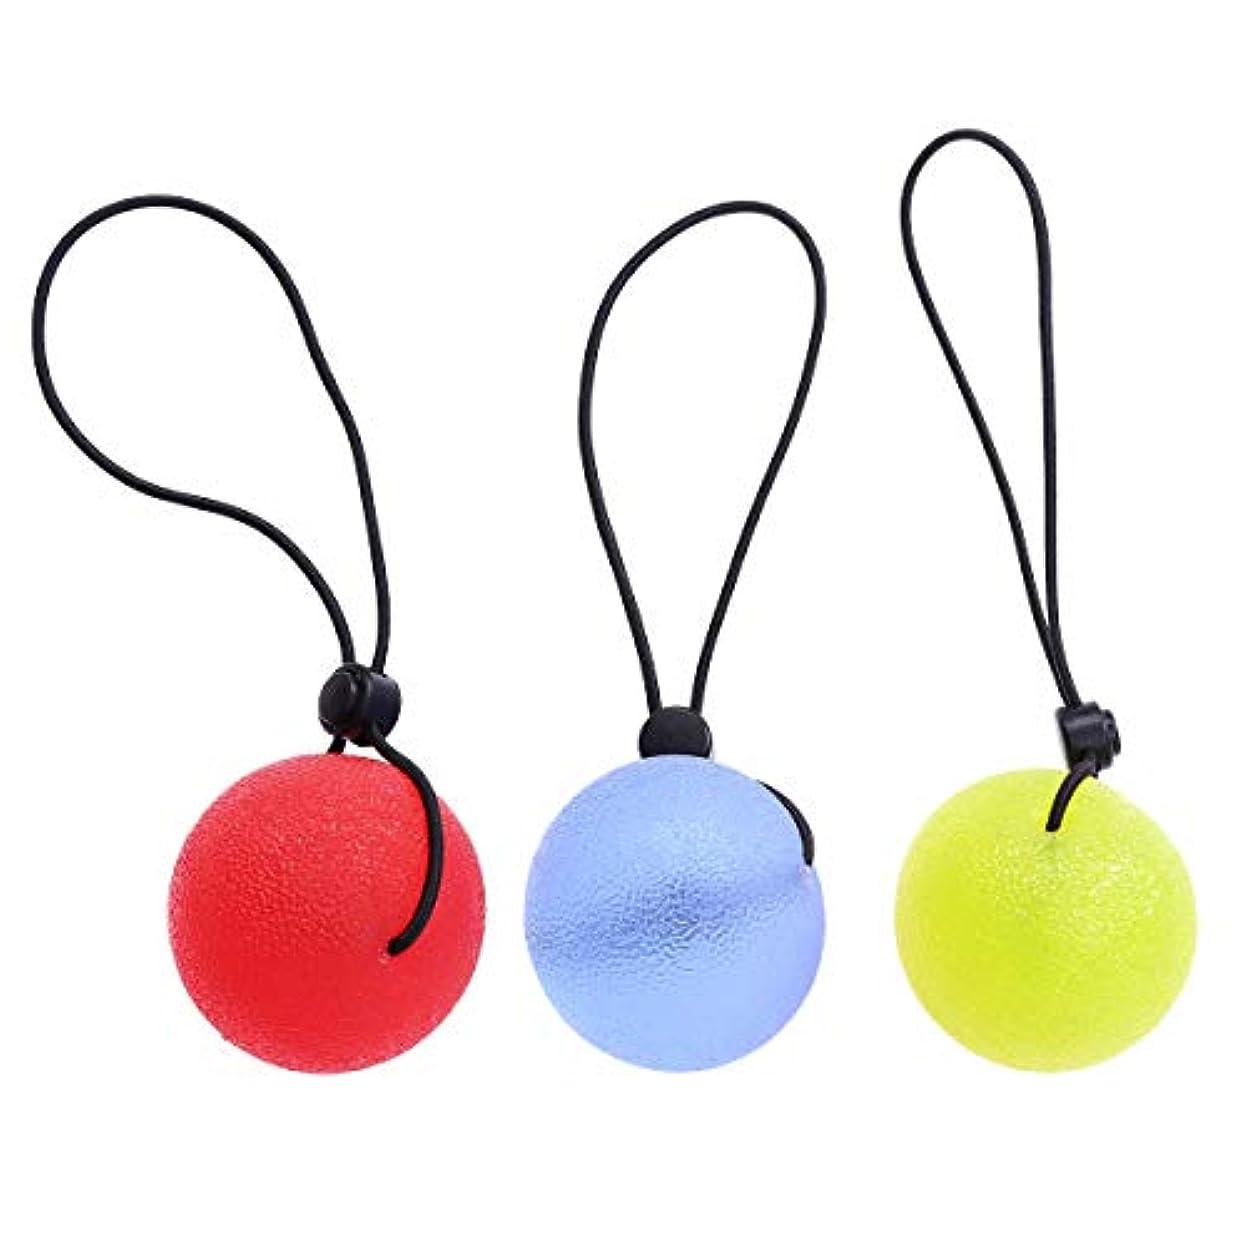 同一の効果的に中国ROSENICE ハンドグリップストレングスフィンガーグリップボールセラピースクイズ3個